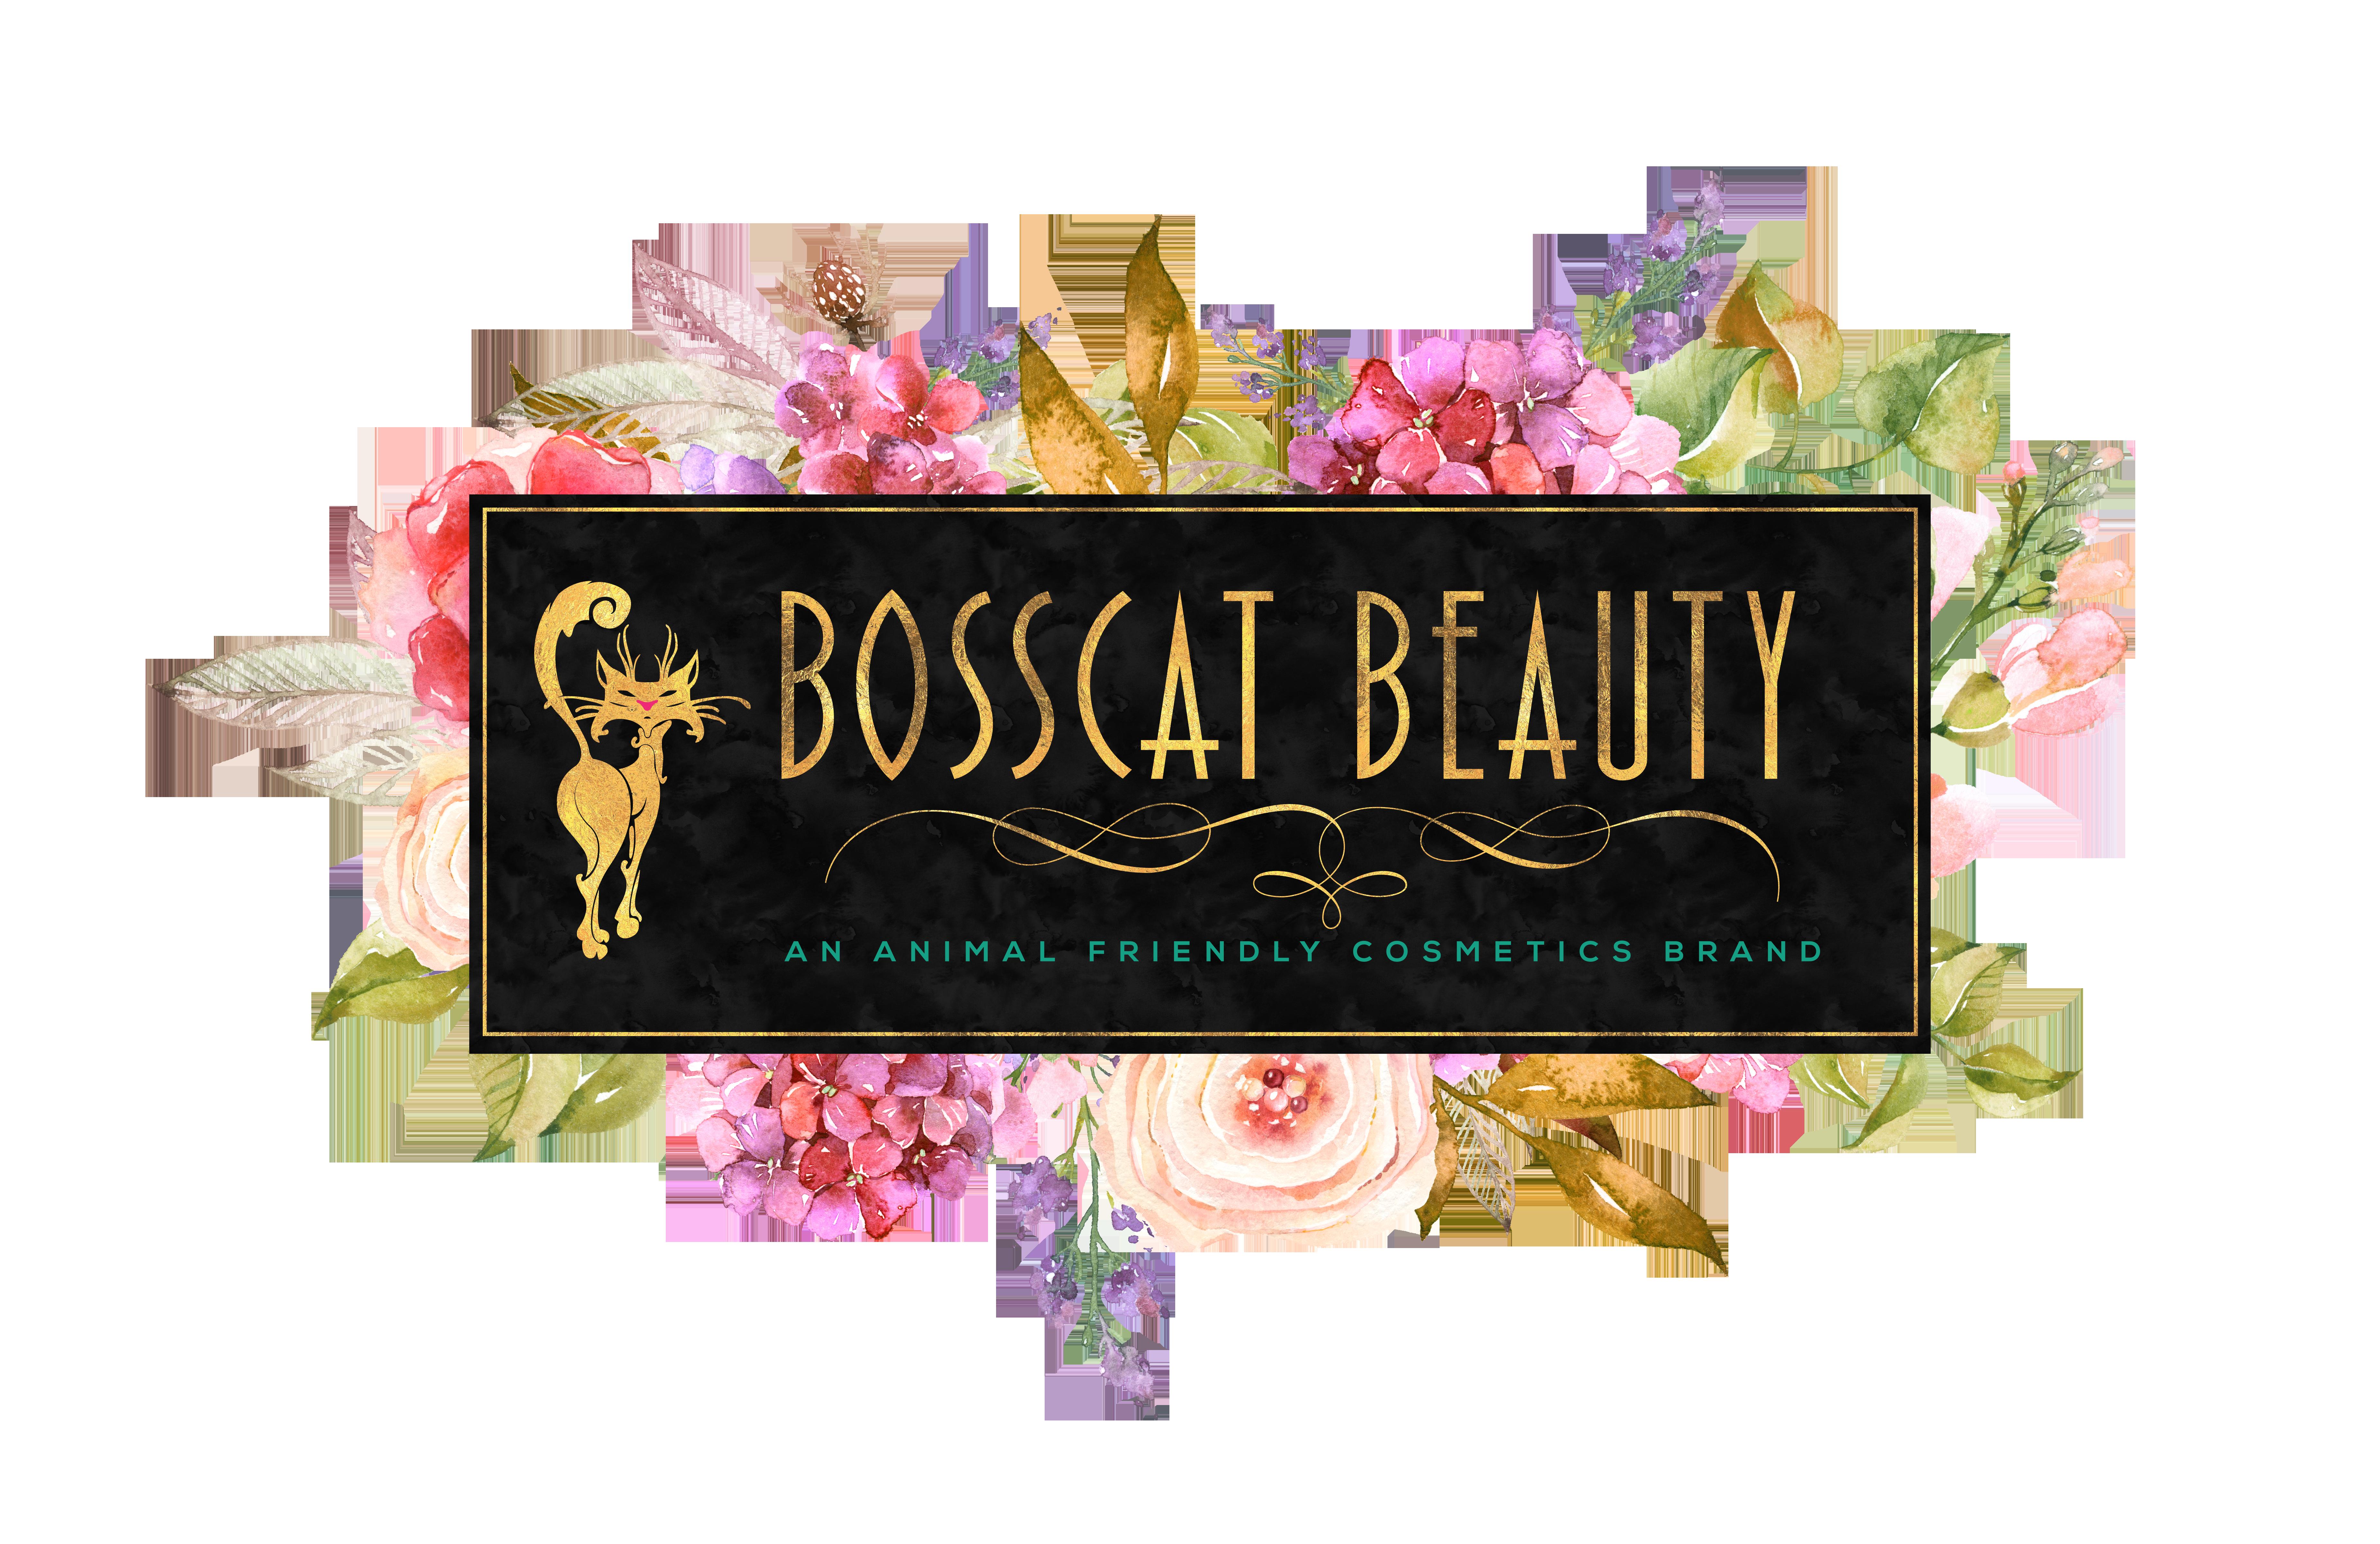 Bosscat Beauty